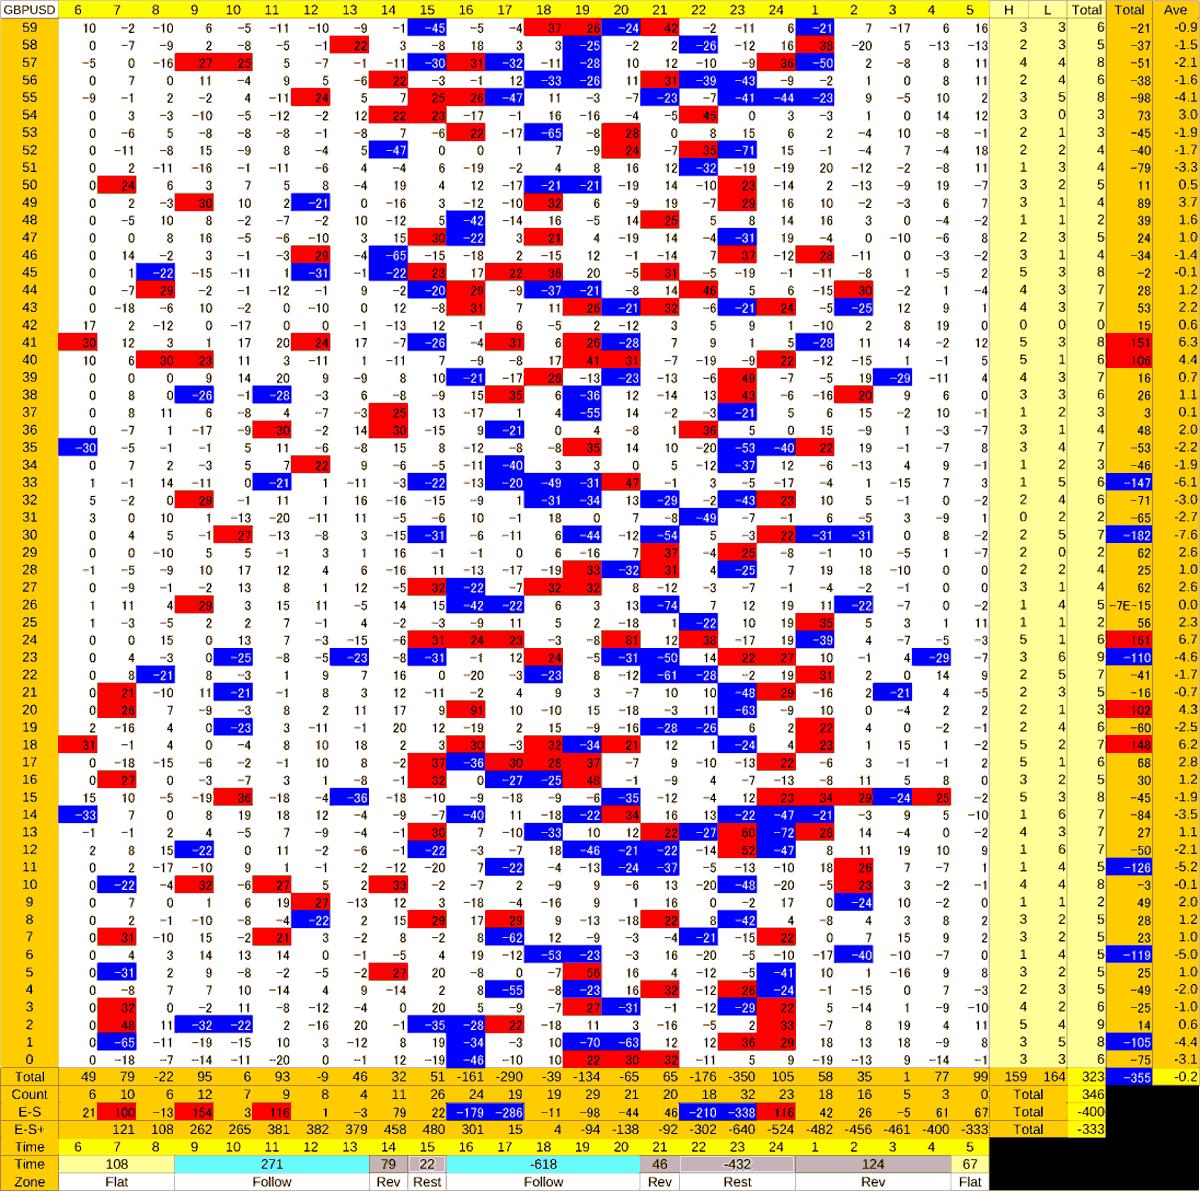 20200629_HS(2)GBPUSD